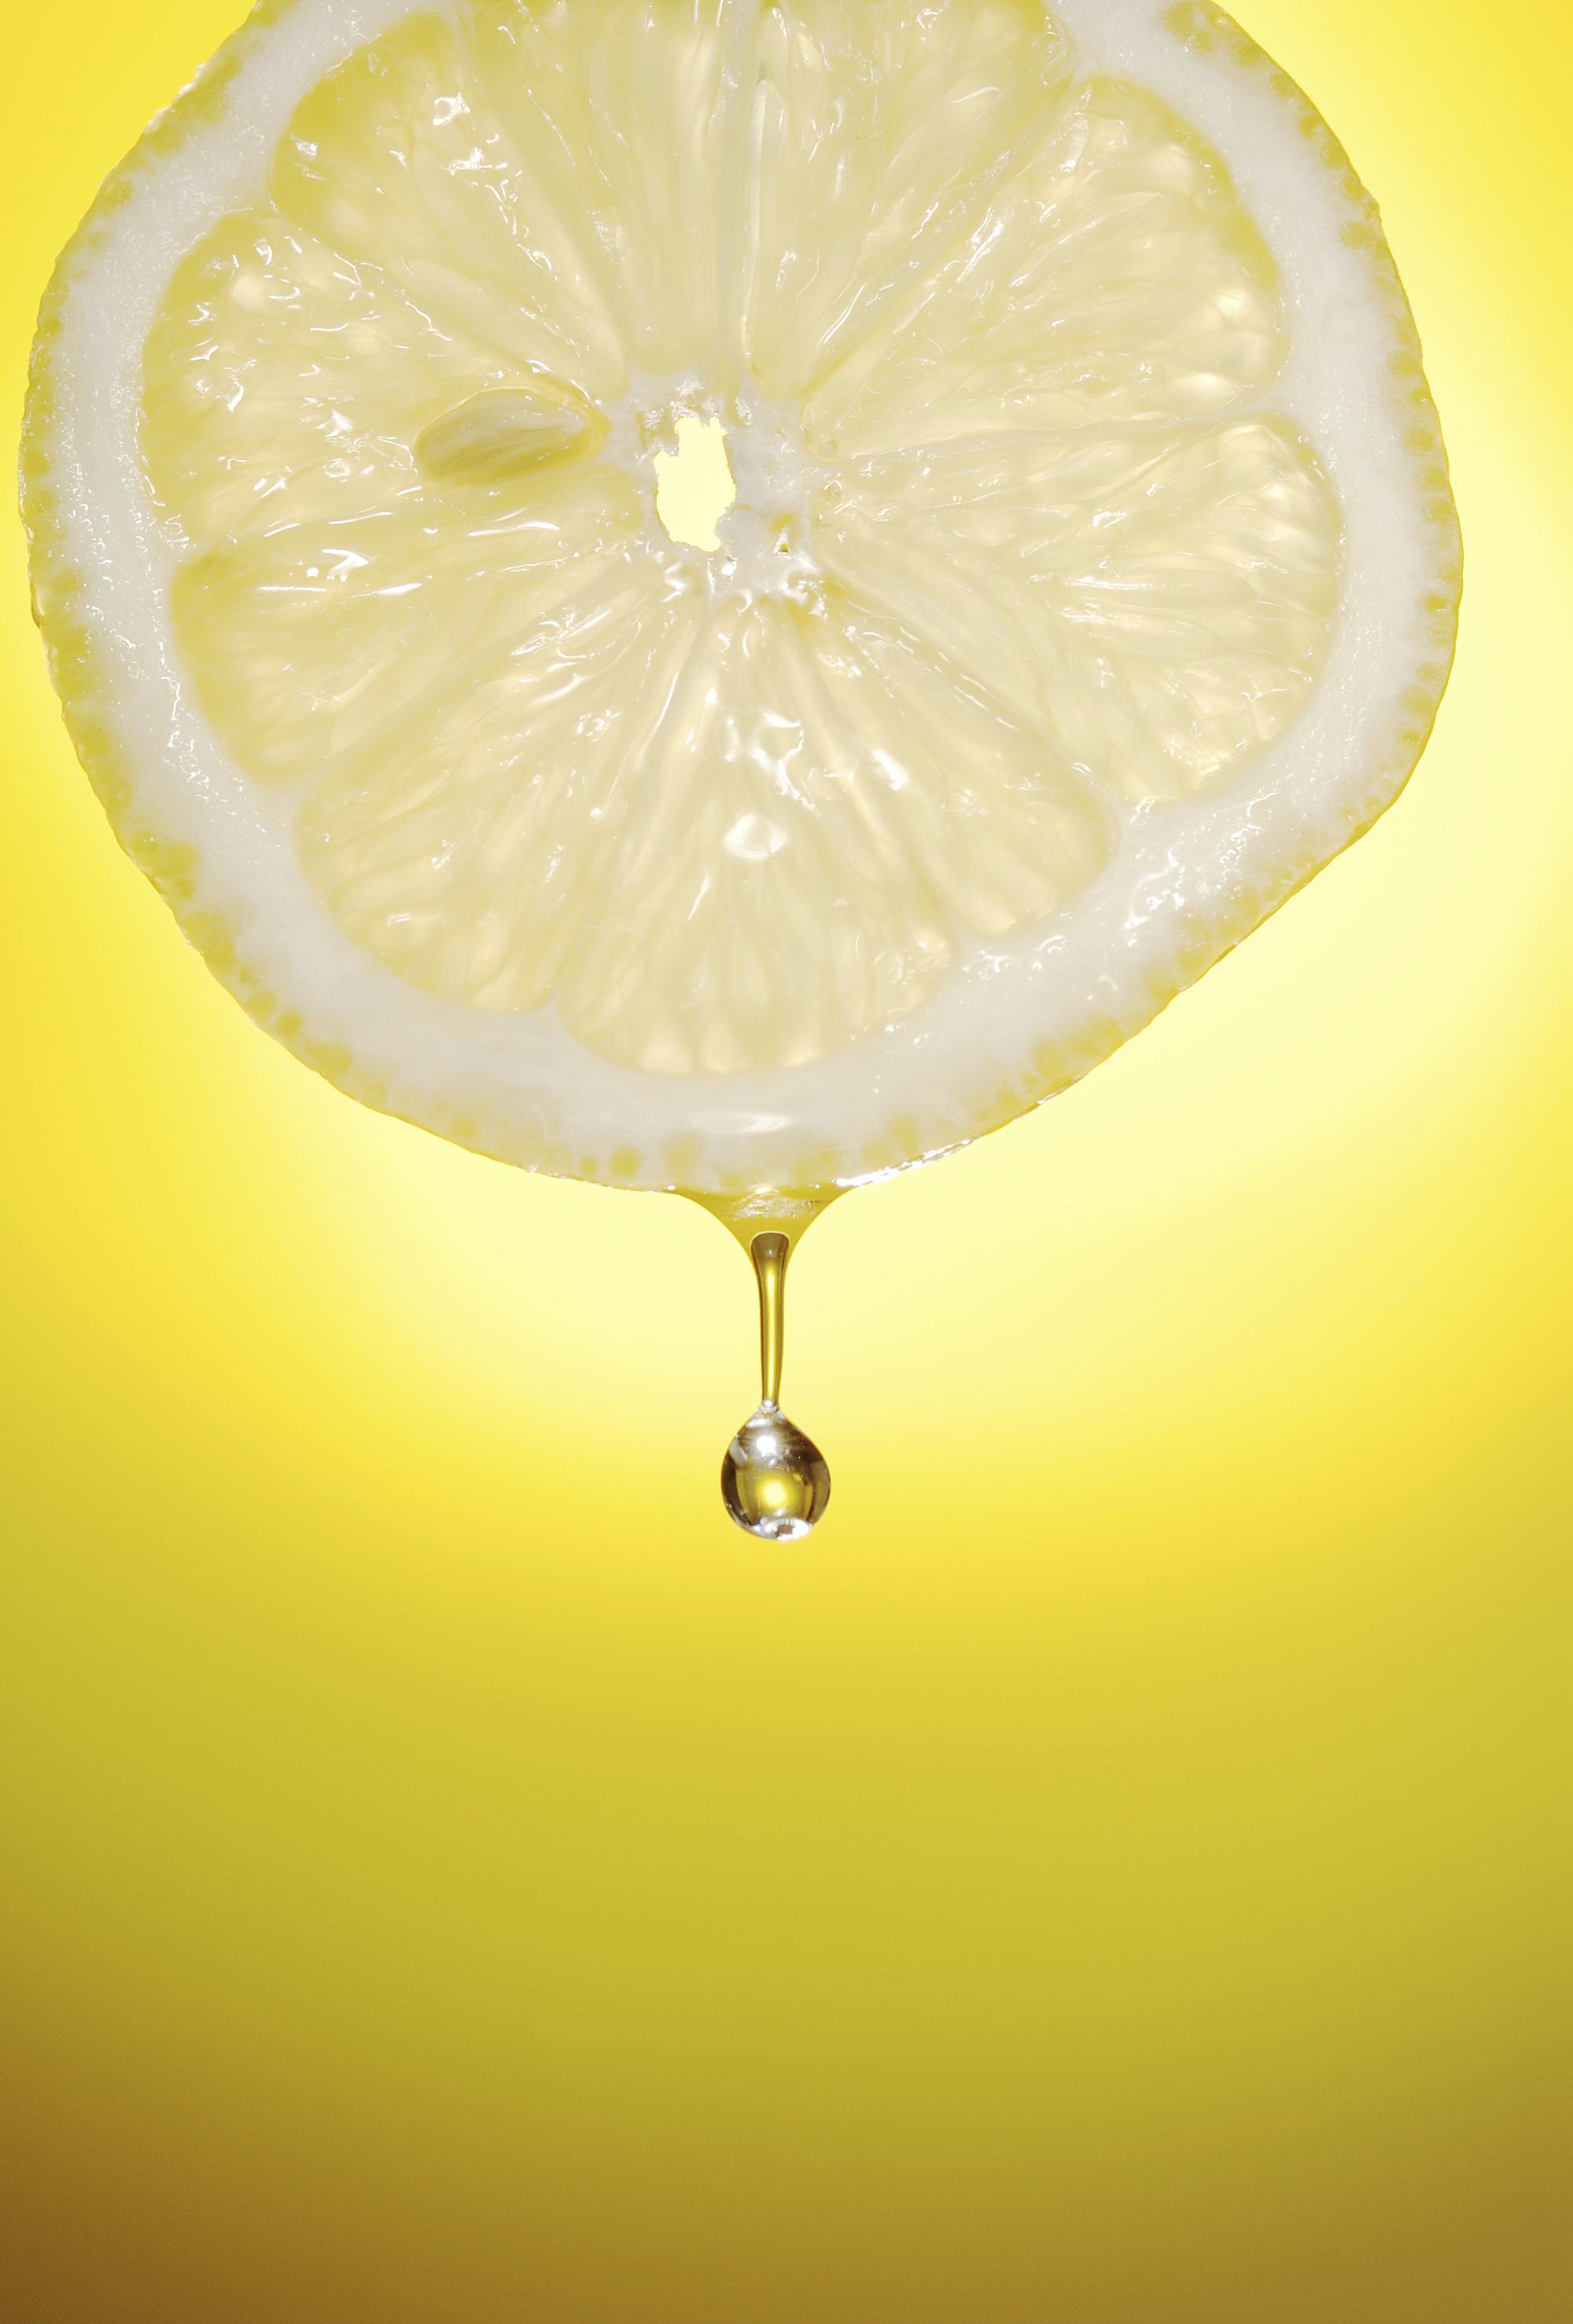 Tutte Le Curiosità Sul Limone Limmi Succo Di Limone